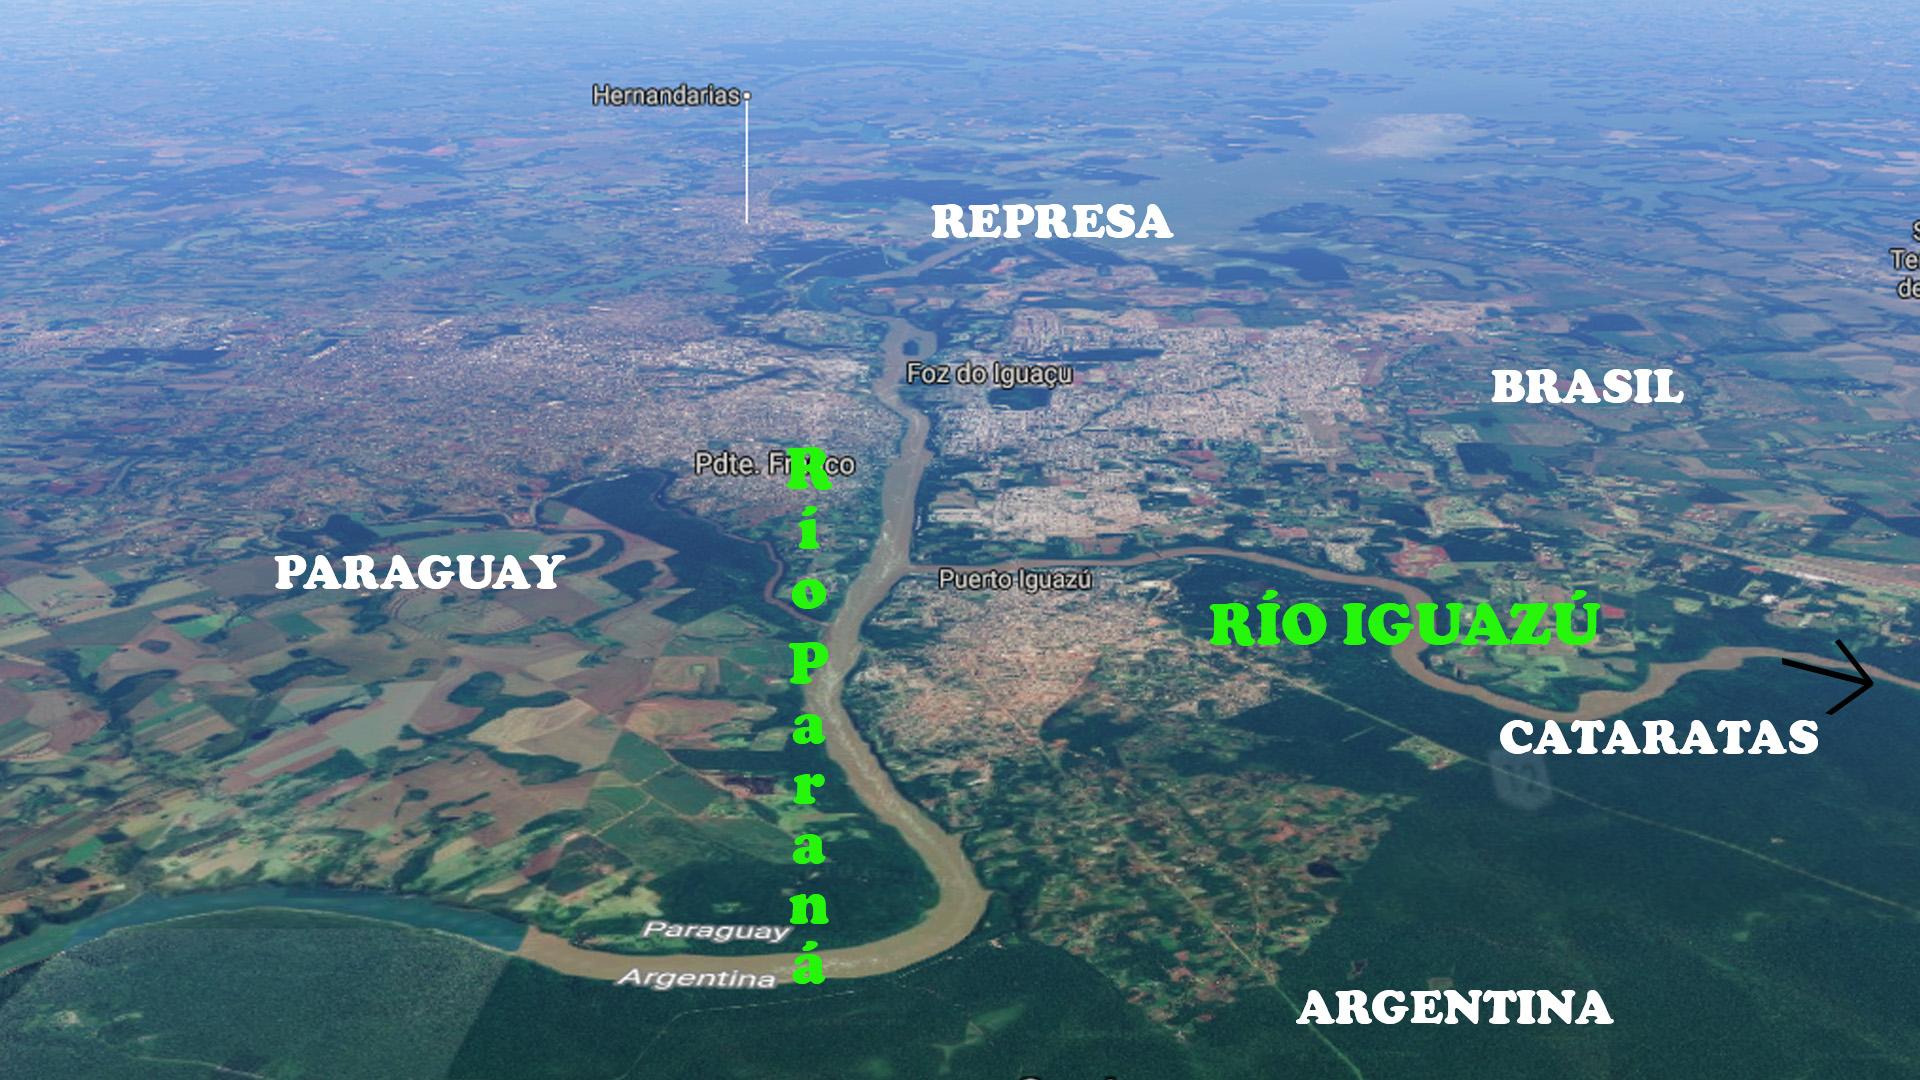 mapa triple frontera pablocaminante - Cataratas del Iguazú